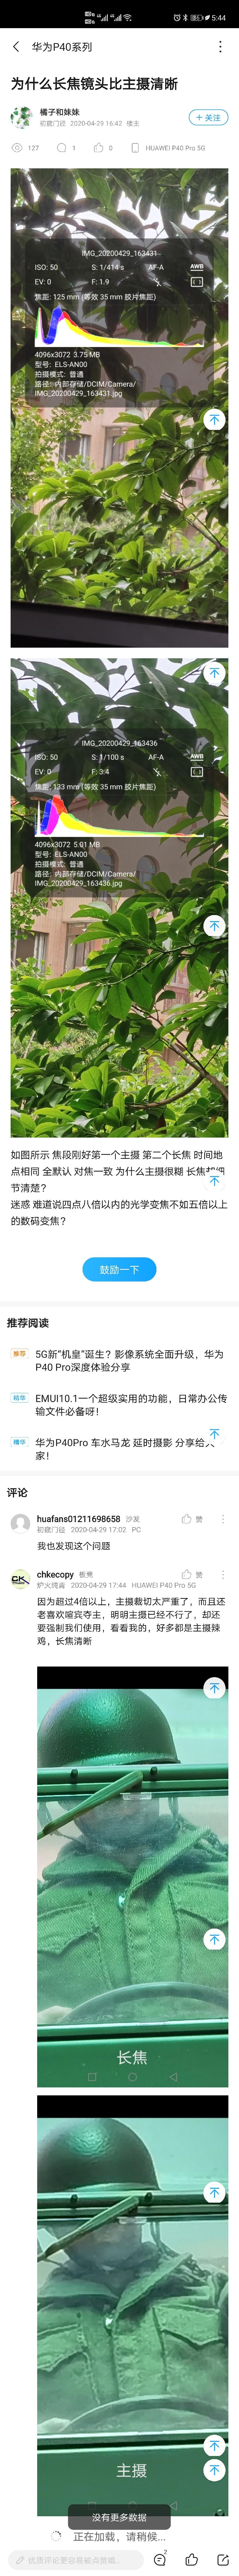 Screenshot_20200429_174444_com.huawei.fans.jpg